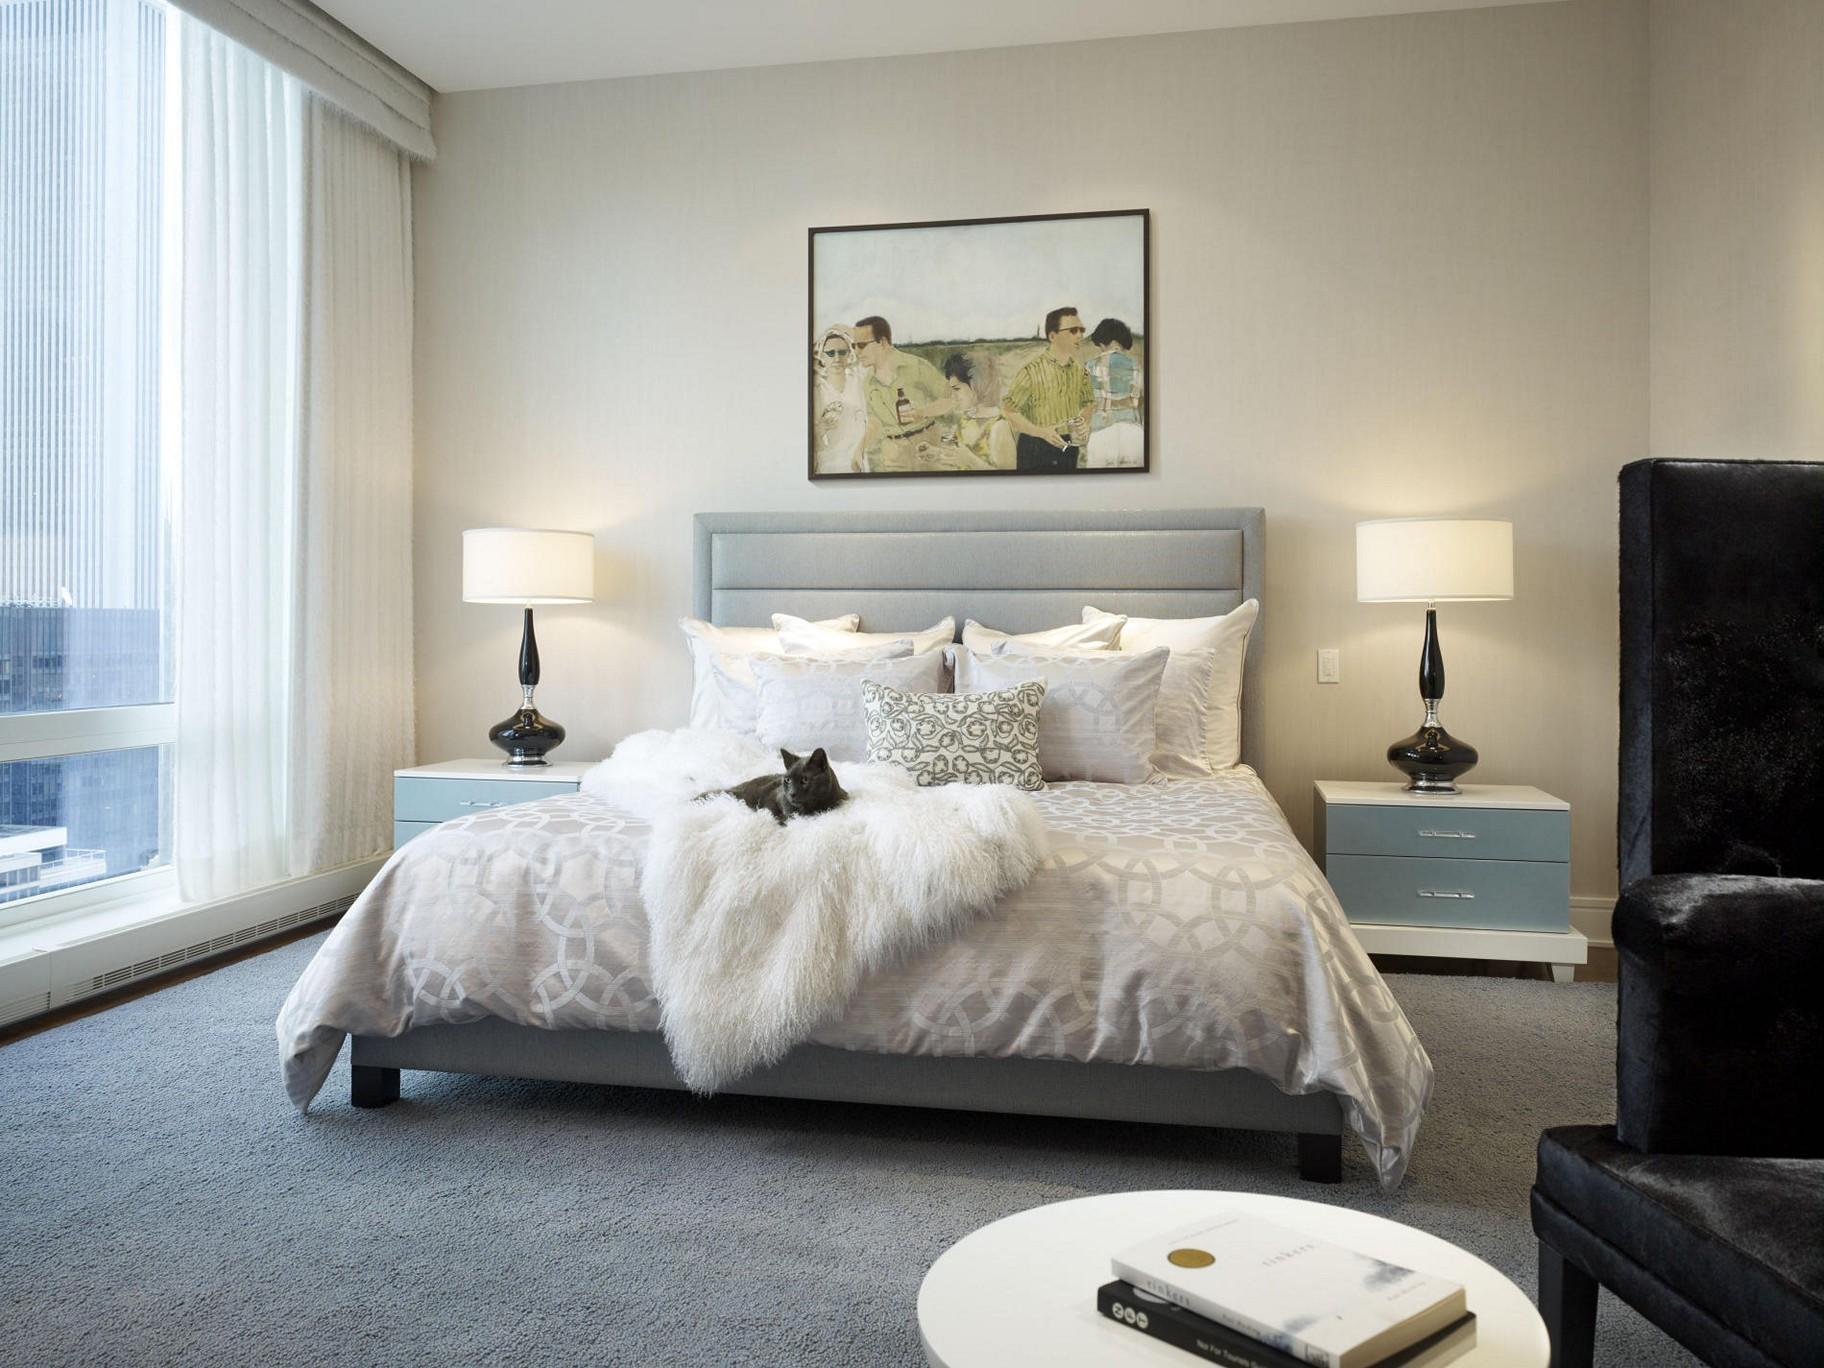 Картины в интерьере в спальне